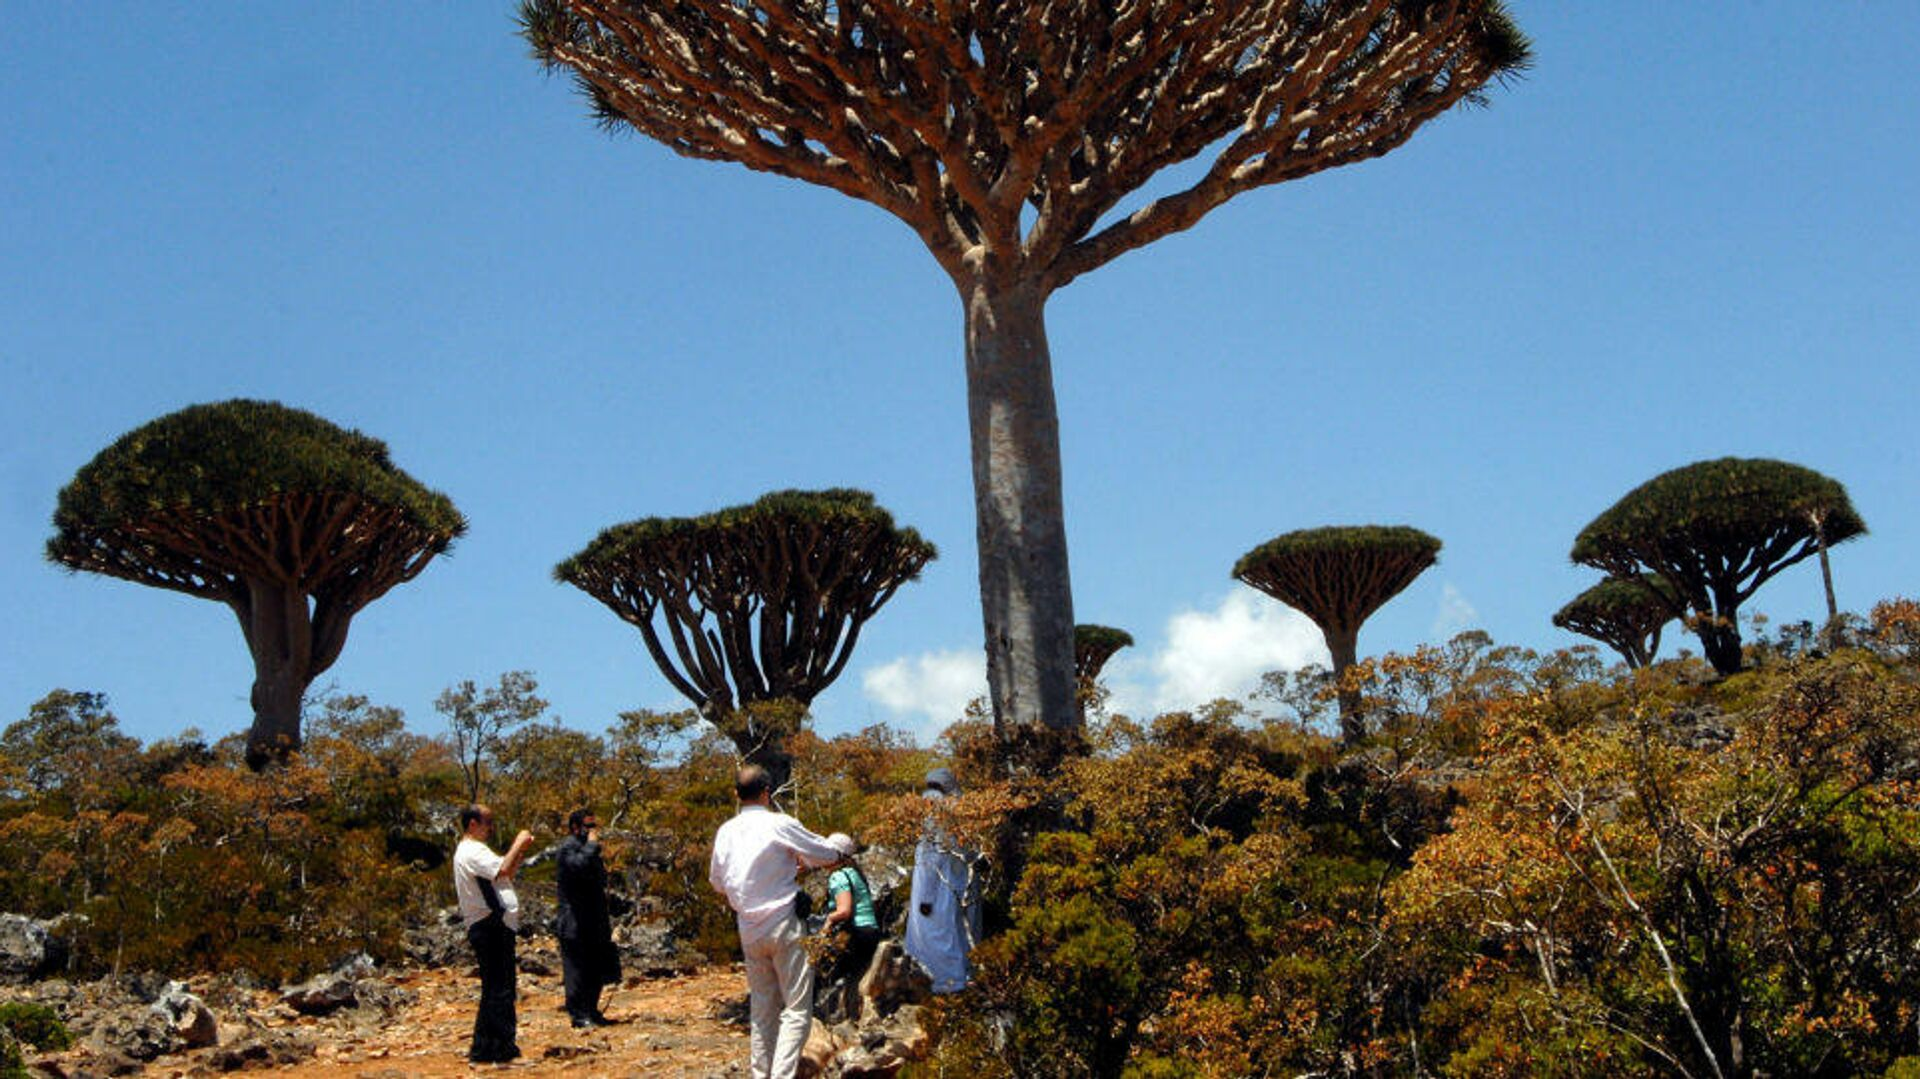 Los bosques de 'Dracaena cinnabari', o árboles de sangre de dragón, cubren las islas Socotra, en Yemen - Sputnik Mundo, 1920, 03.03.2021